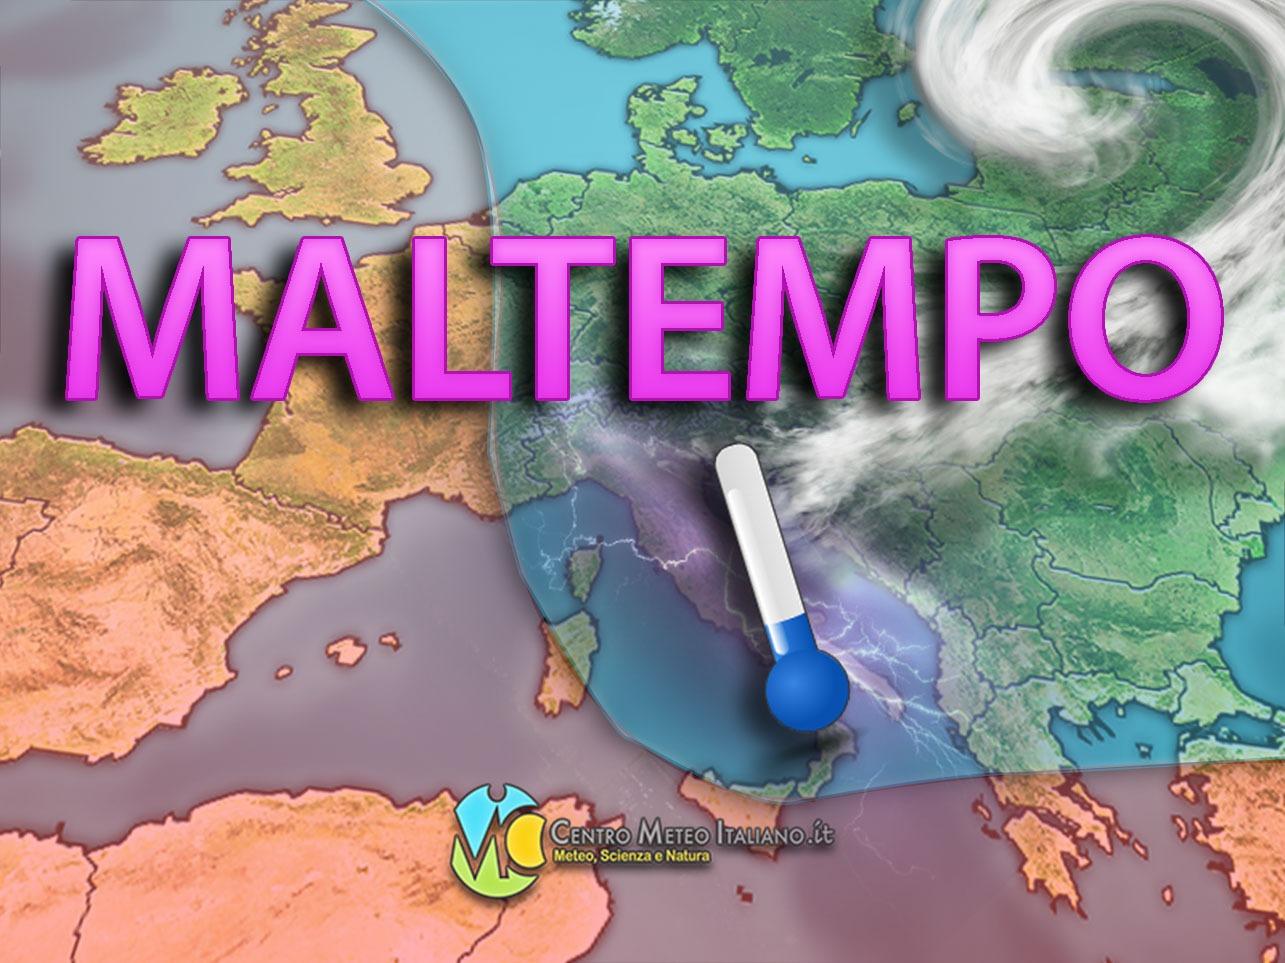 Goccia fredda in rotta verso il Mediterraneo